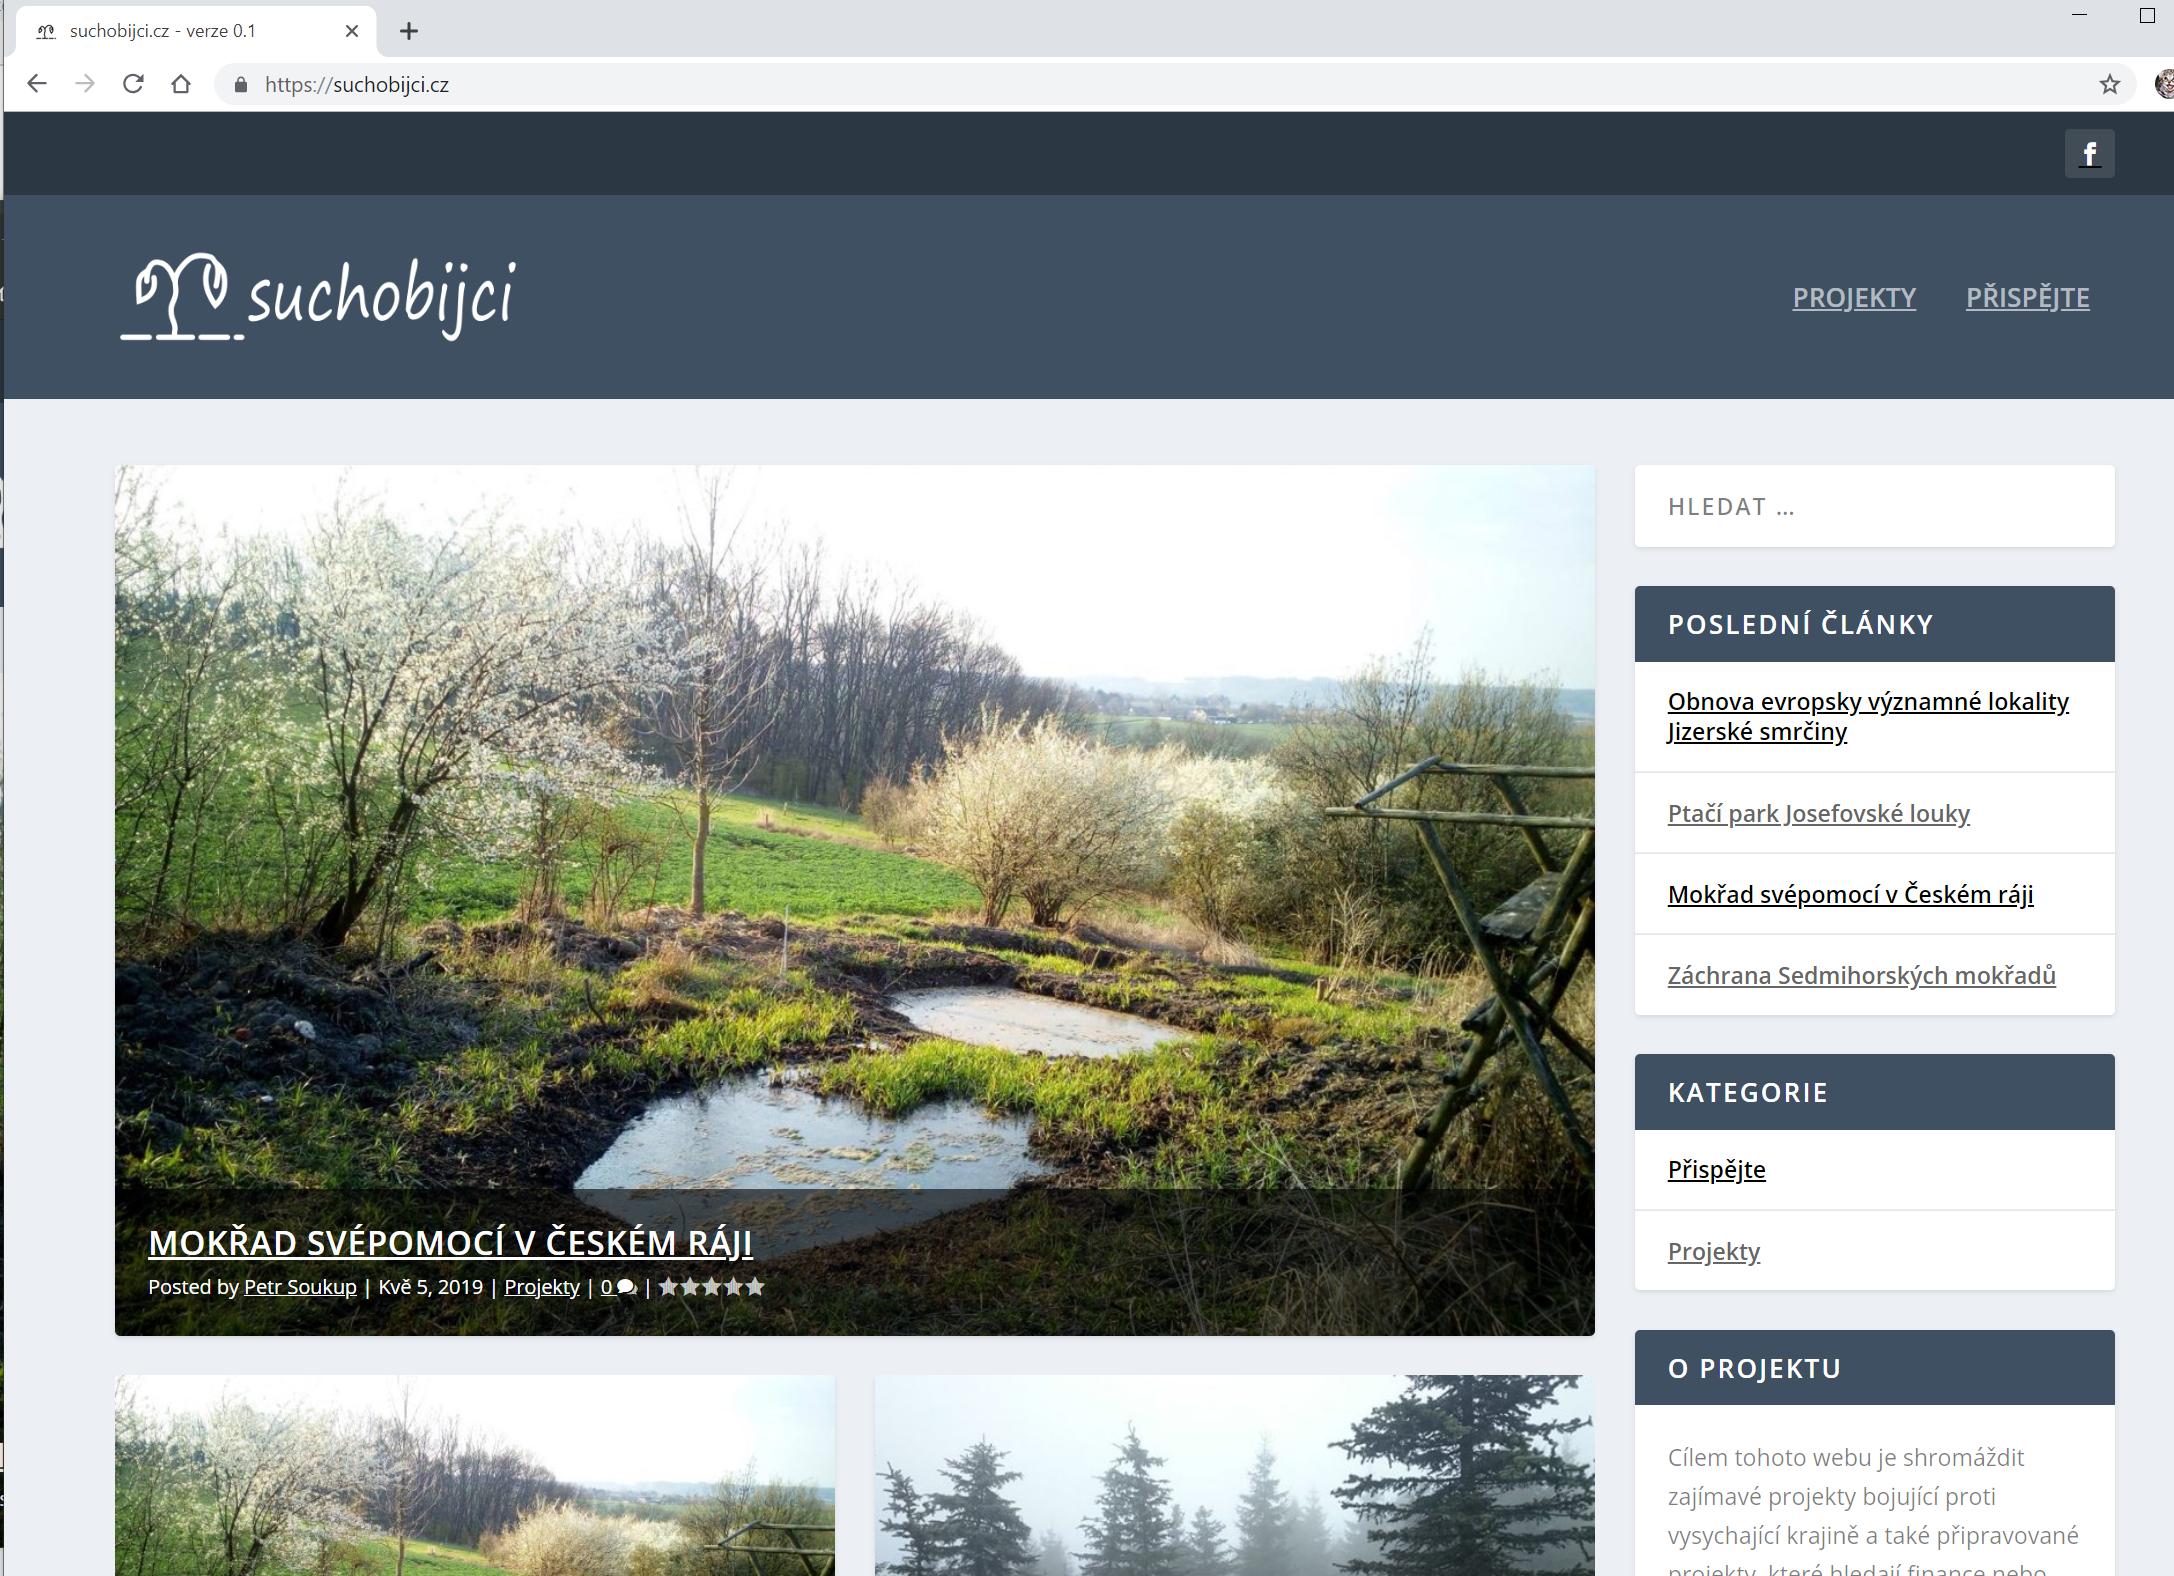 Suchobijci.cz - verze 0.1